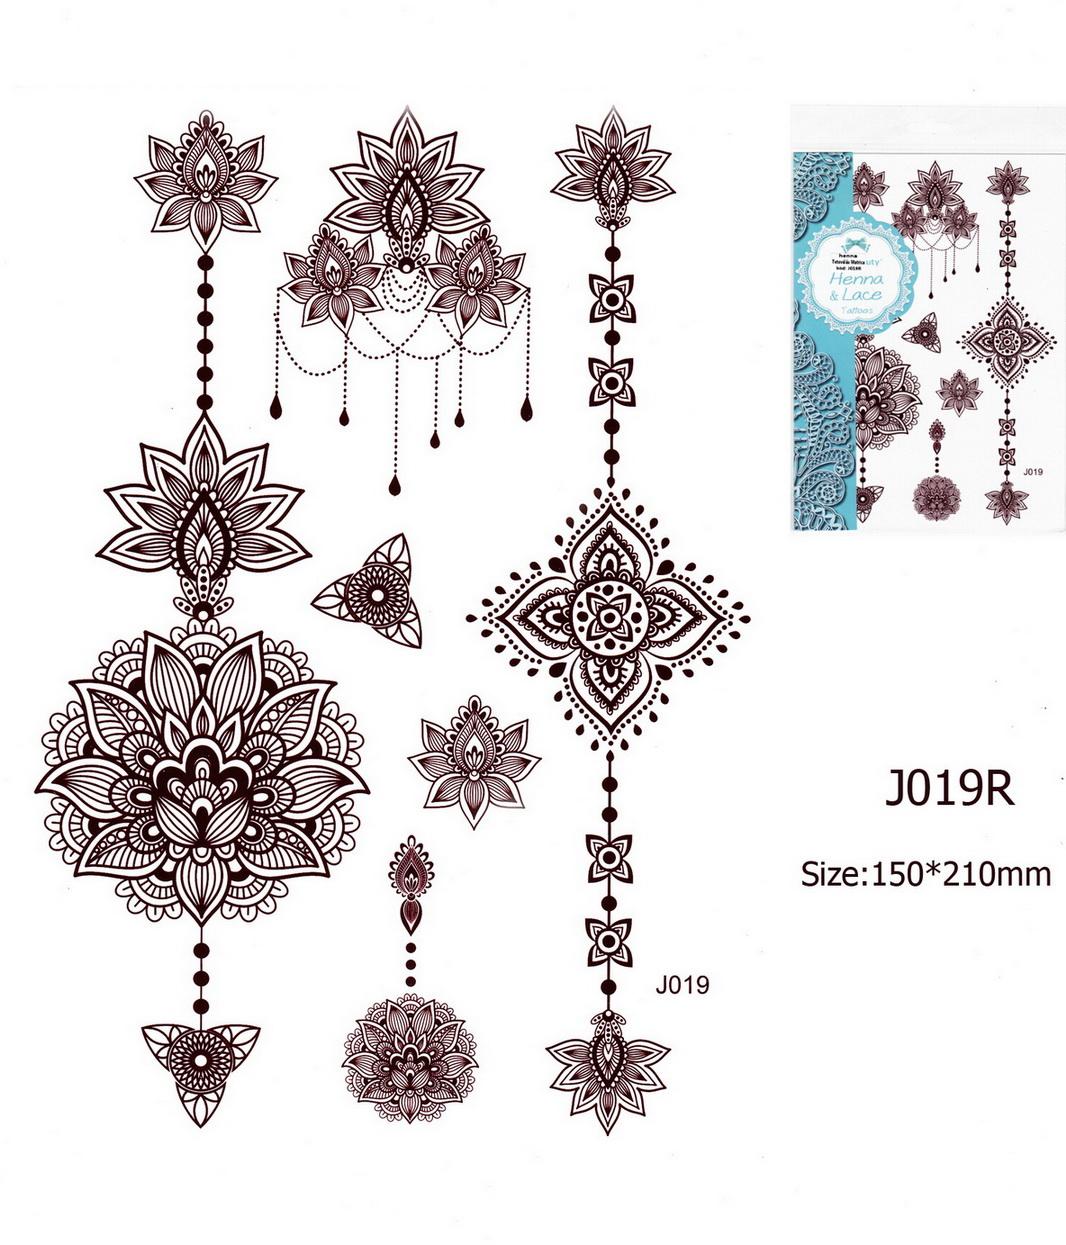 Henna tetoválás matrica 15cmX21cm J019R